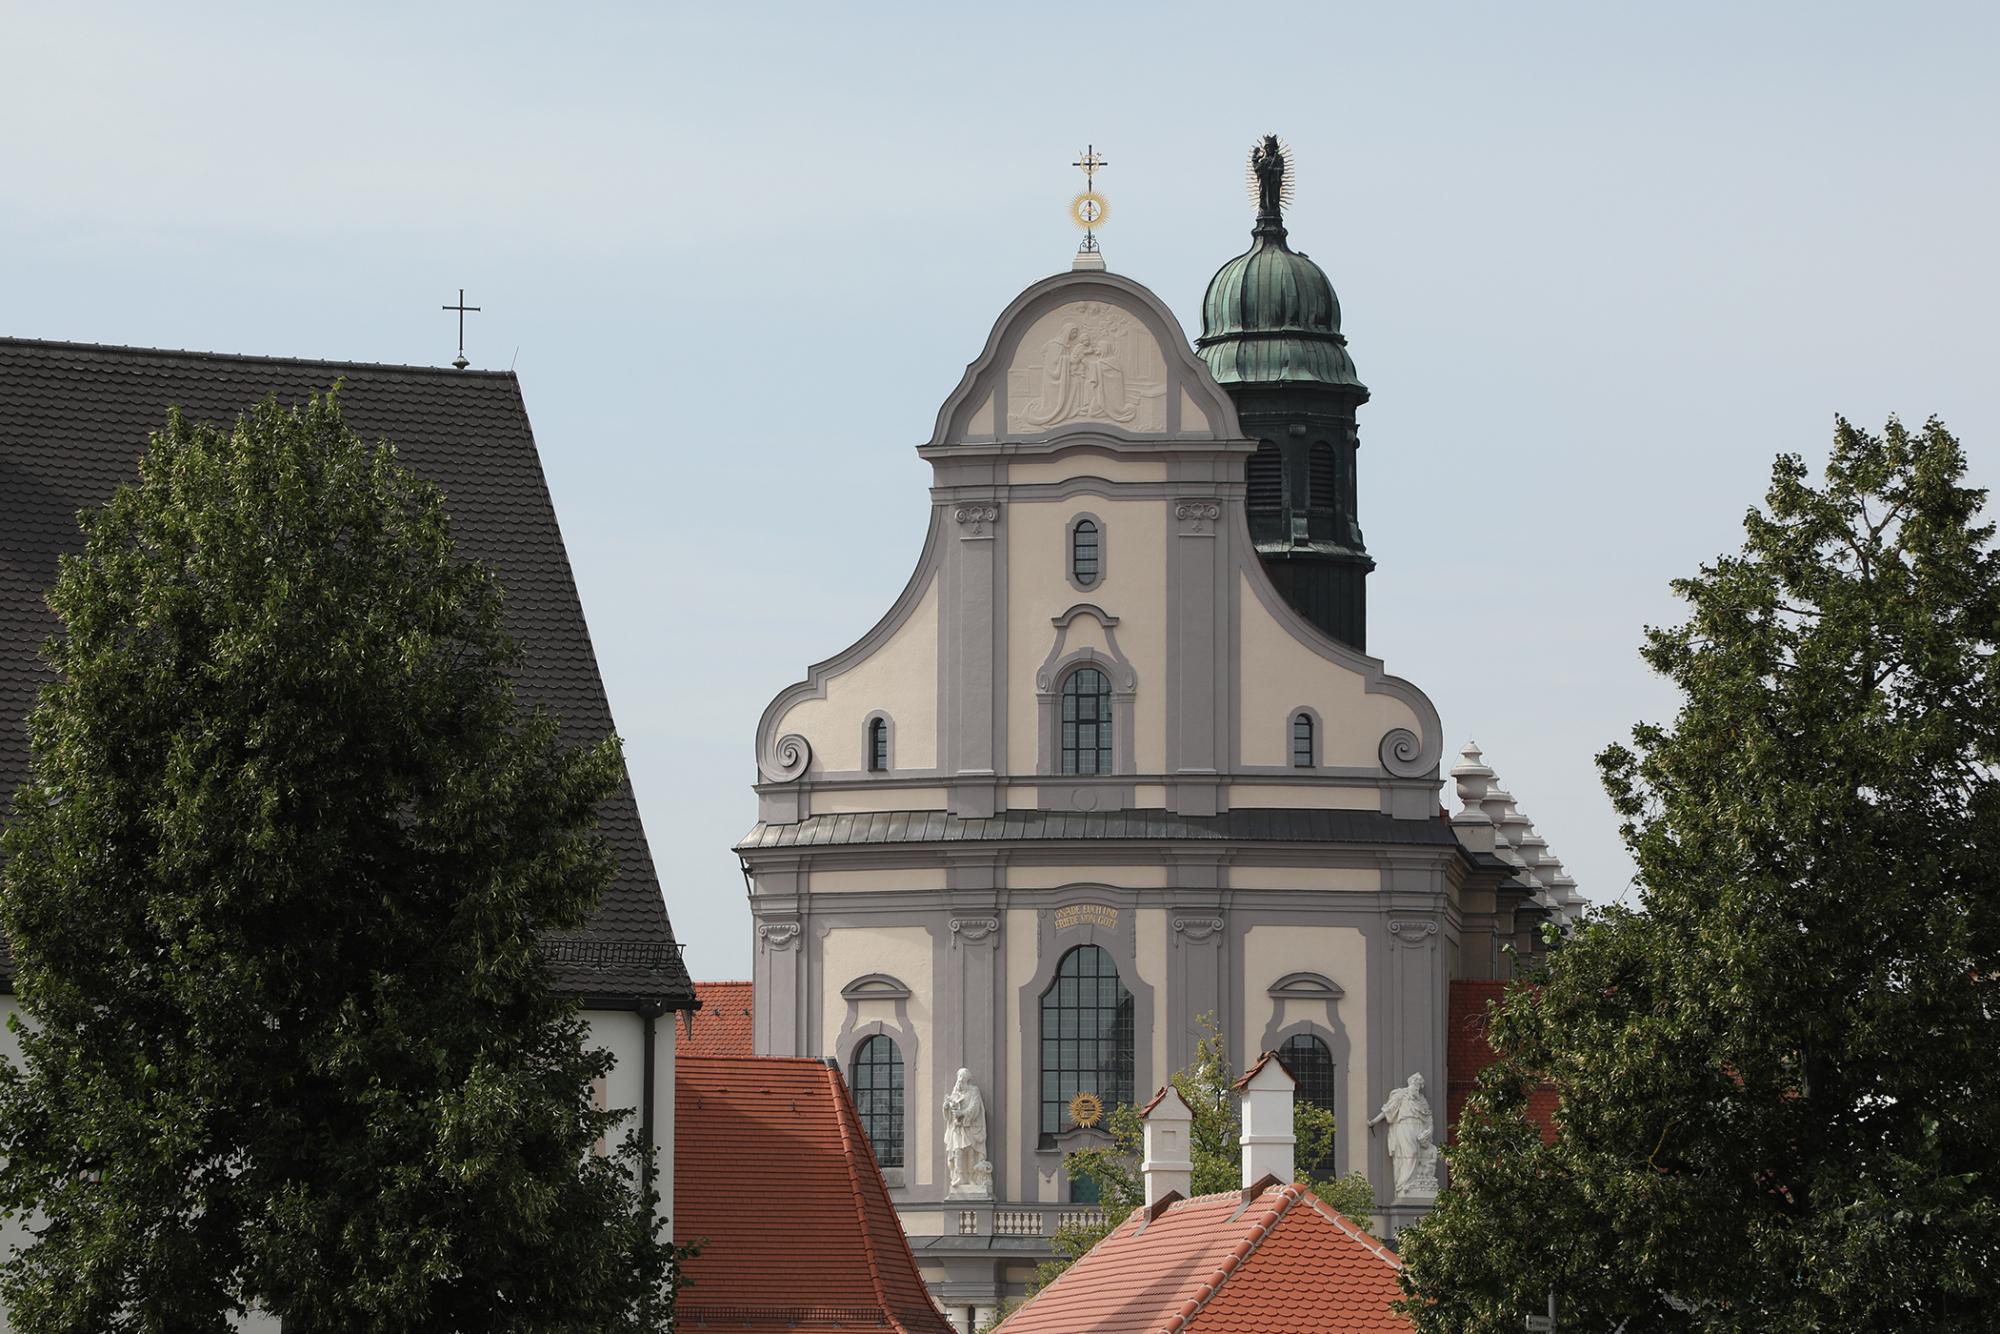 190513_Adoratio-Altoetting-2019_PM_foto1-basilika